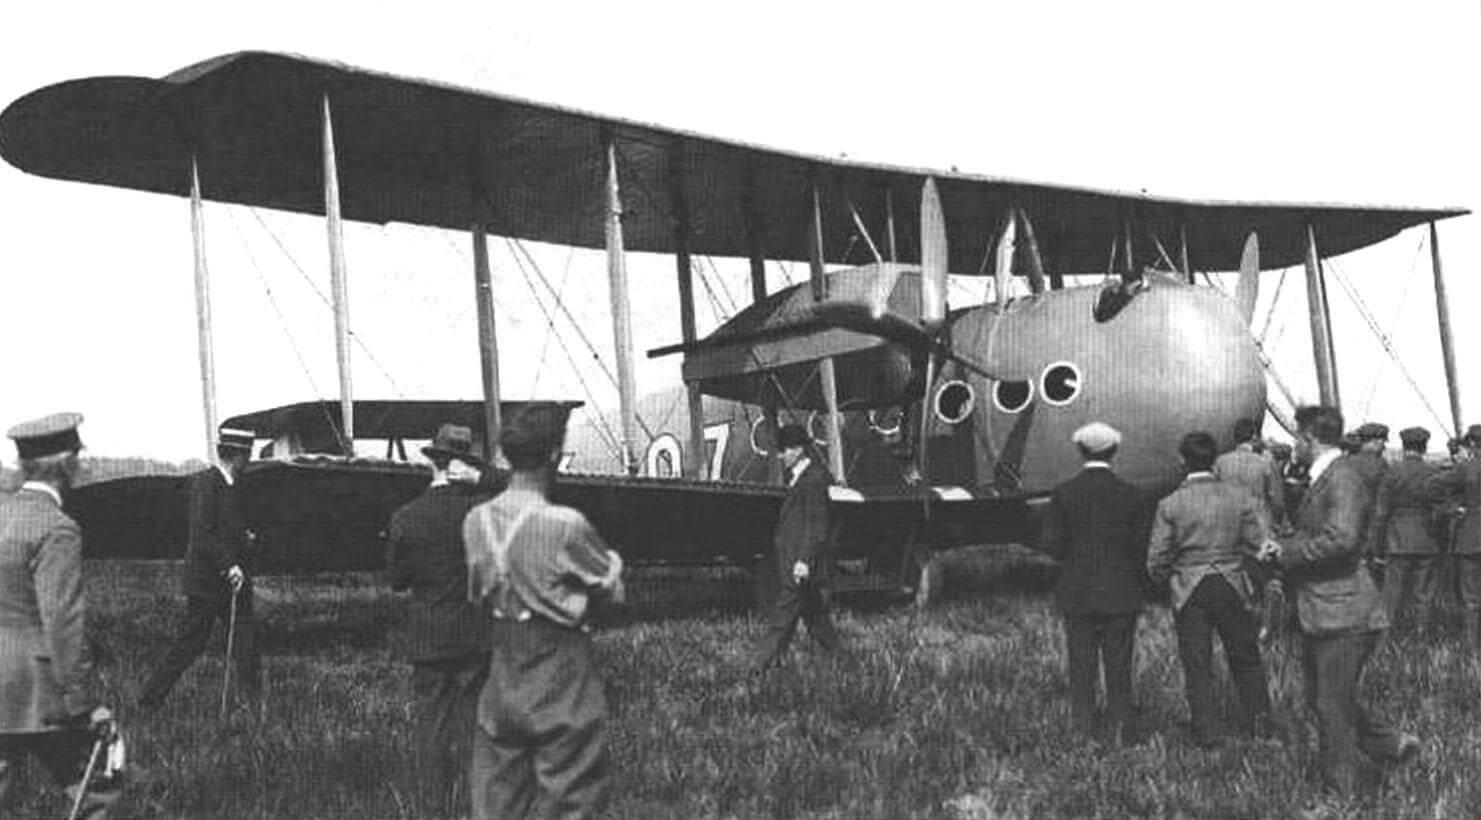 Опытный образец «Вими комершл», апрель 1919 г.